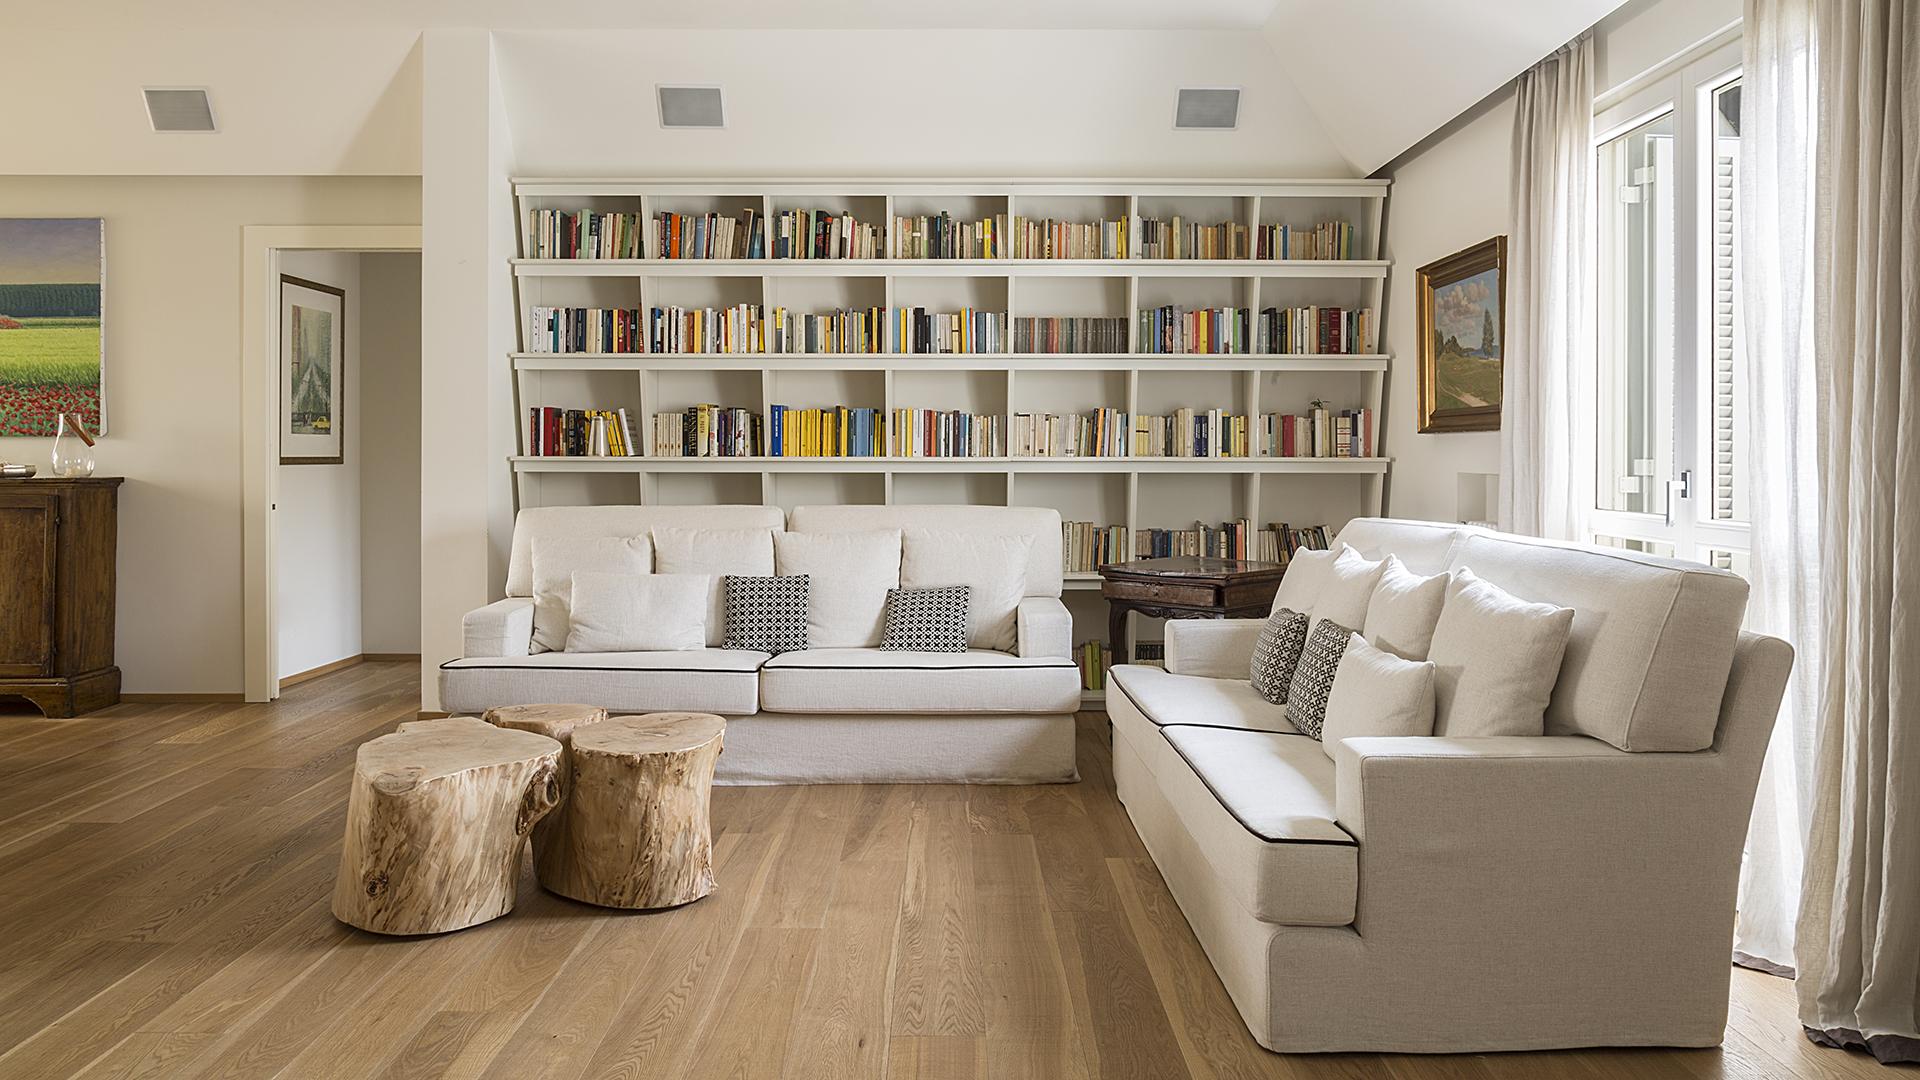 Casa privata 300 antonella tesei architetto milano - Design d interni milano ...